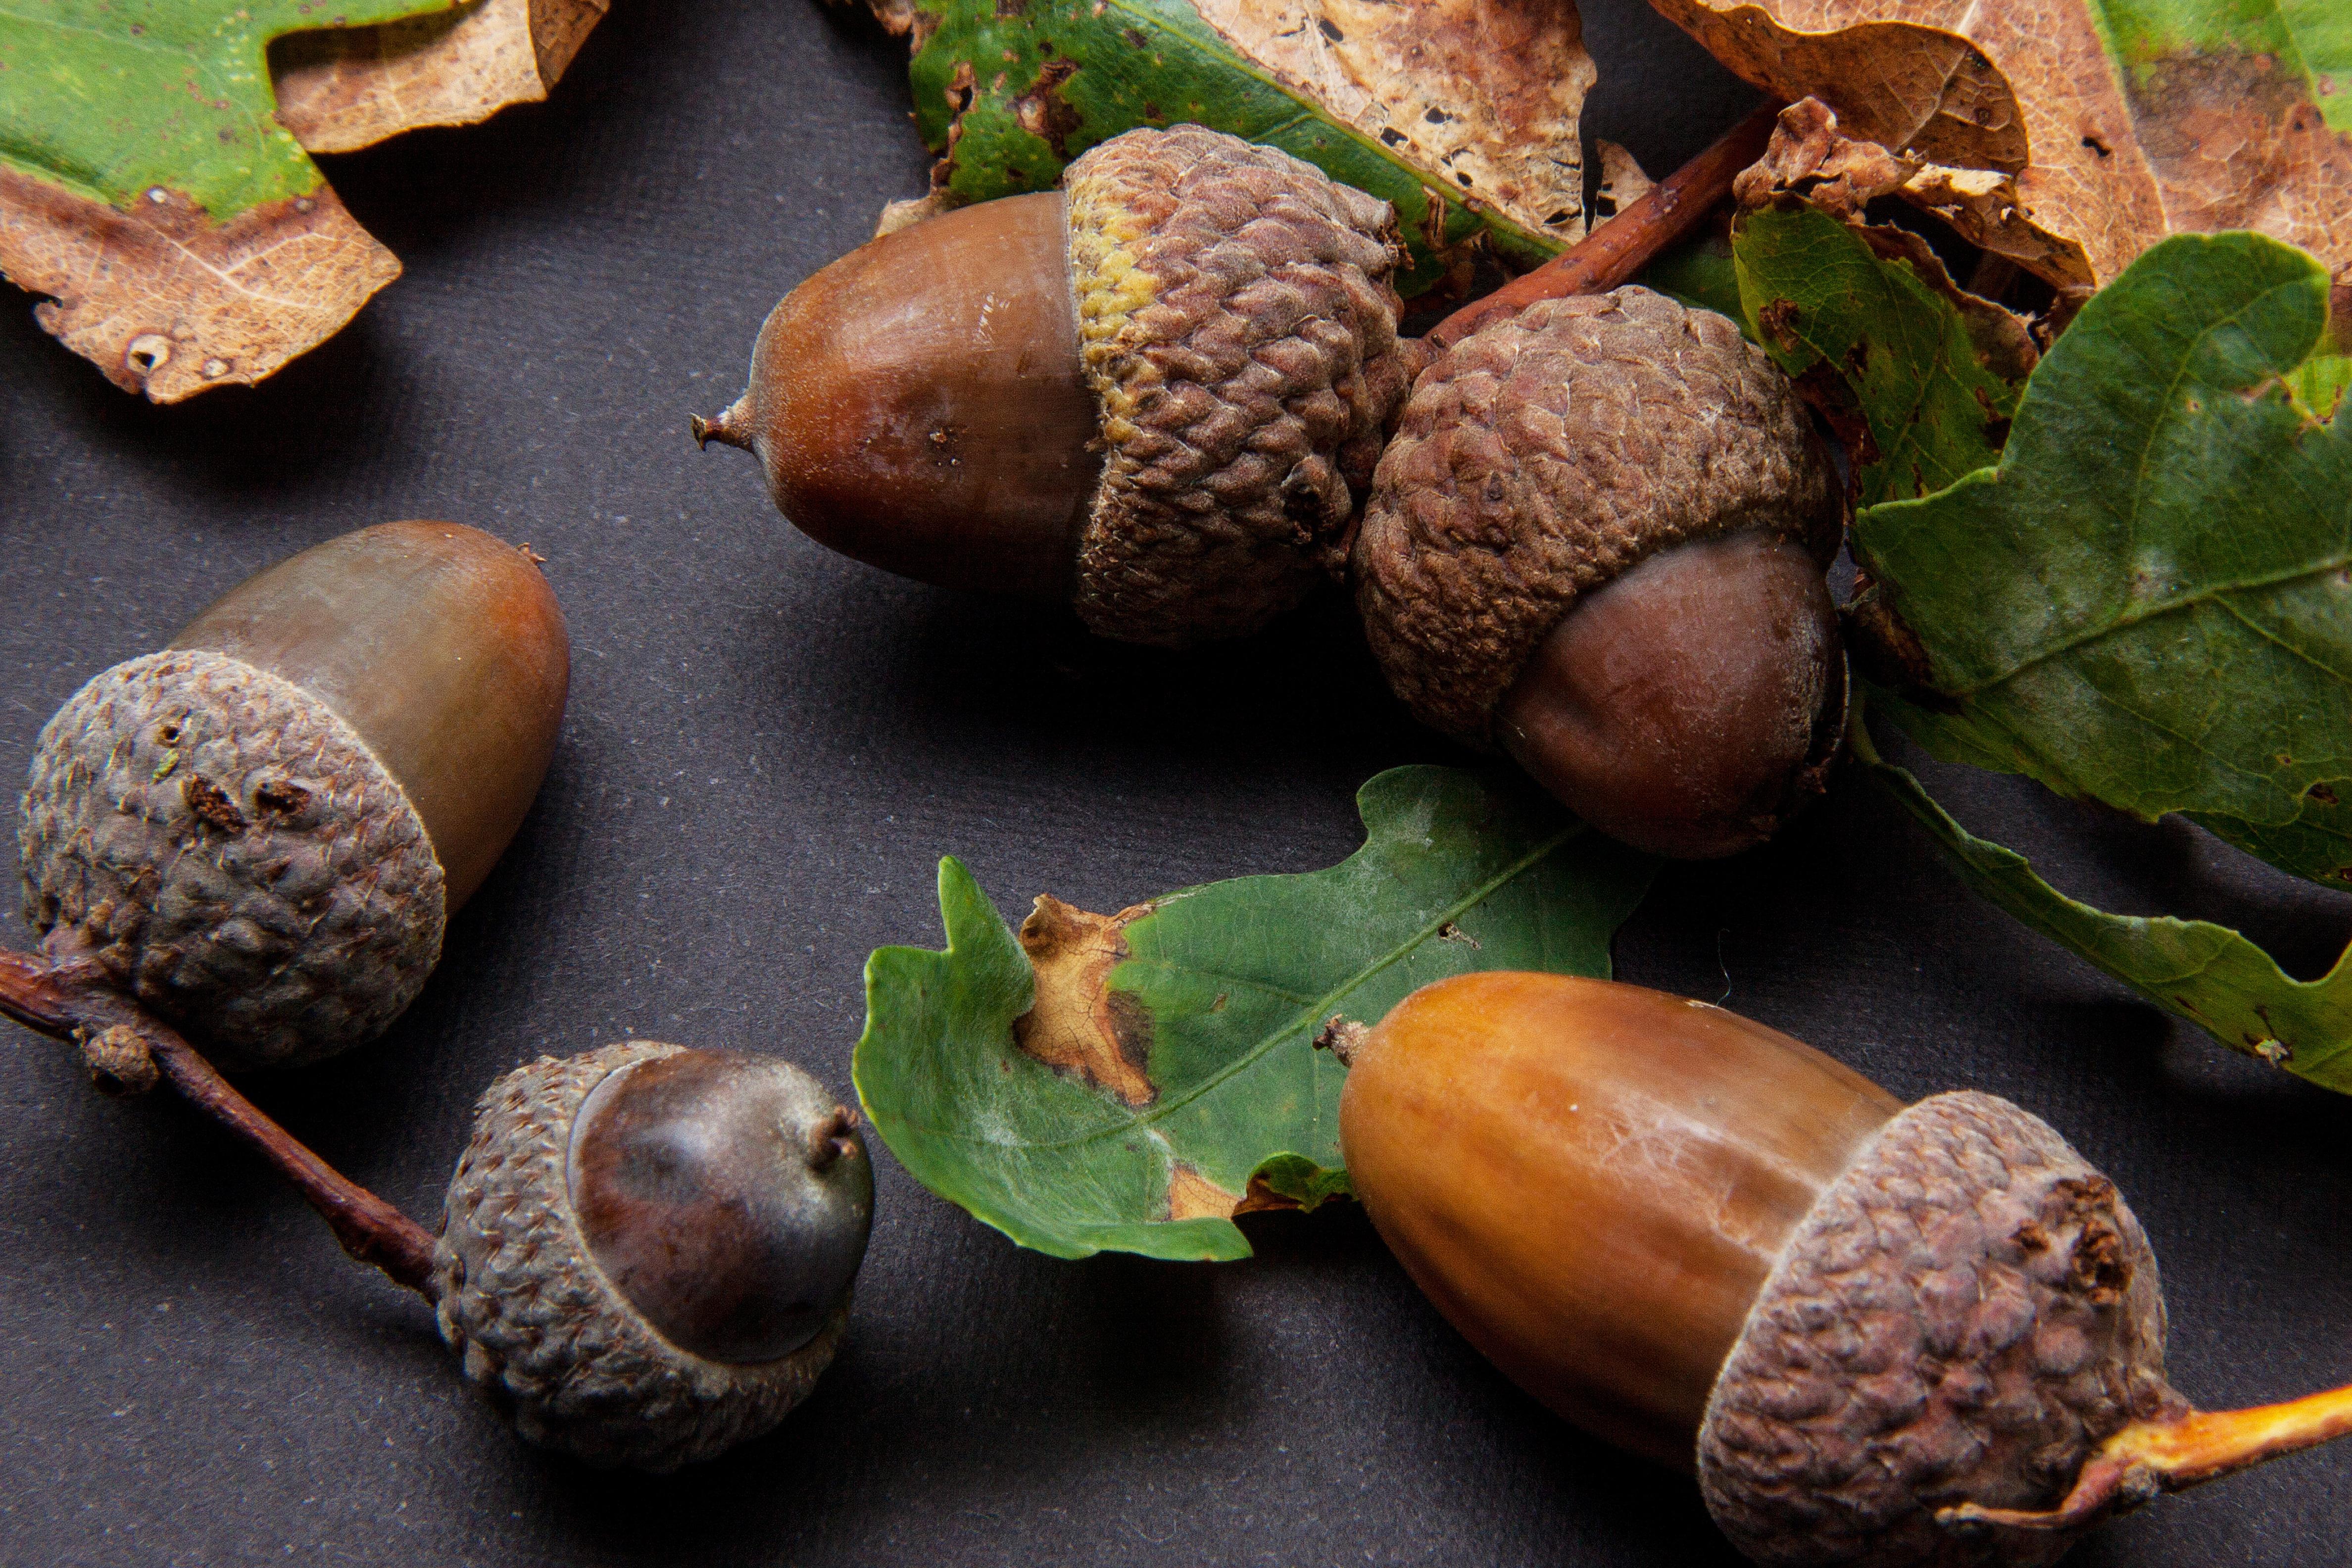 cây thực vật trái cây món ăn Sản xuất rau hạt Acorn Cây sồi Oak fruit